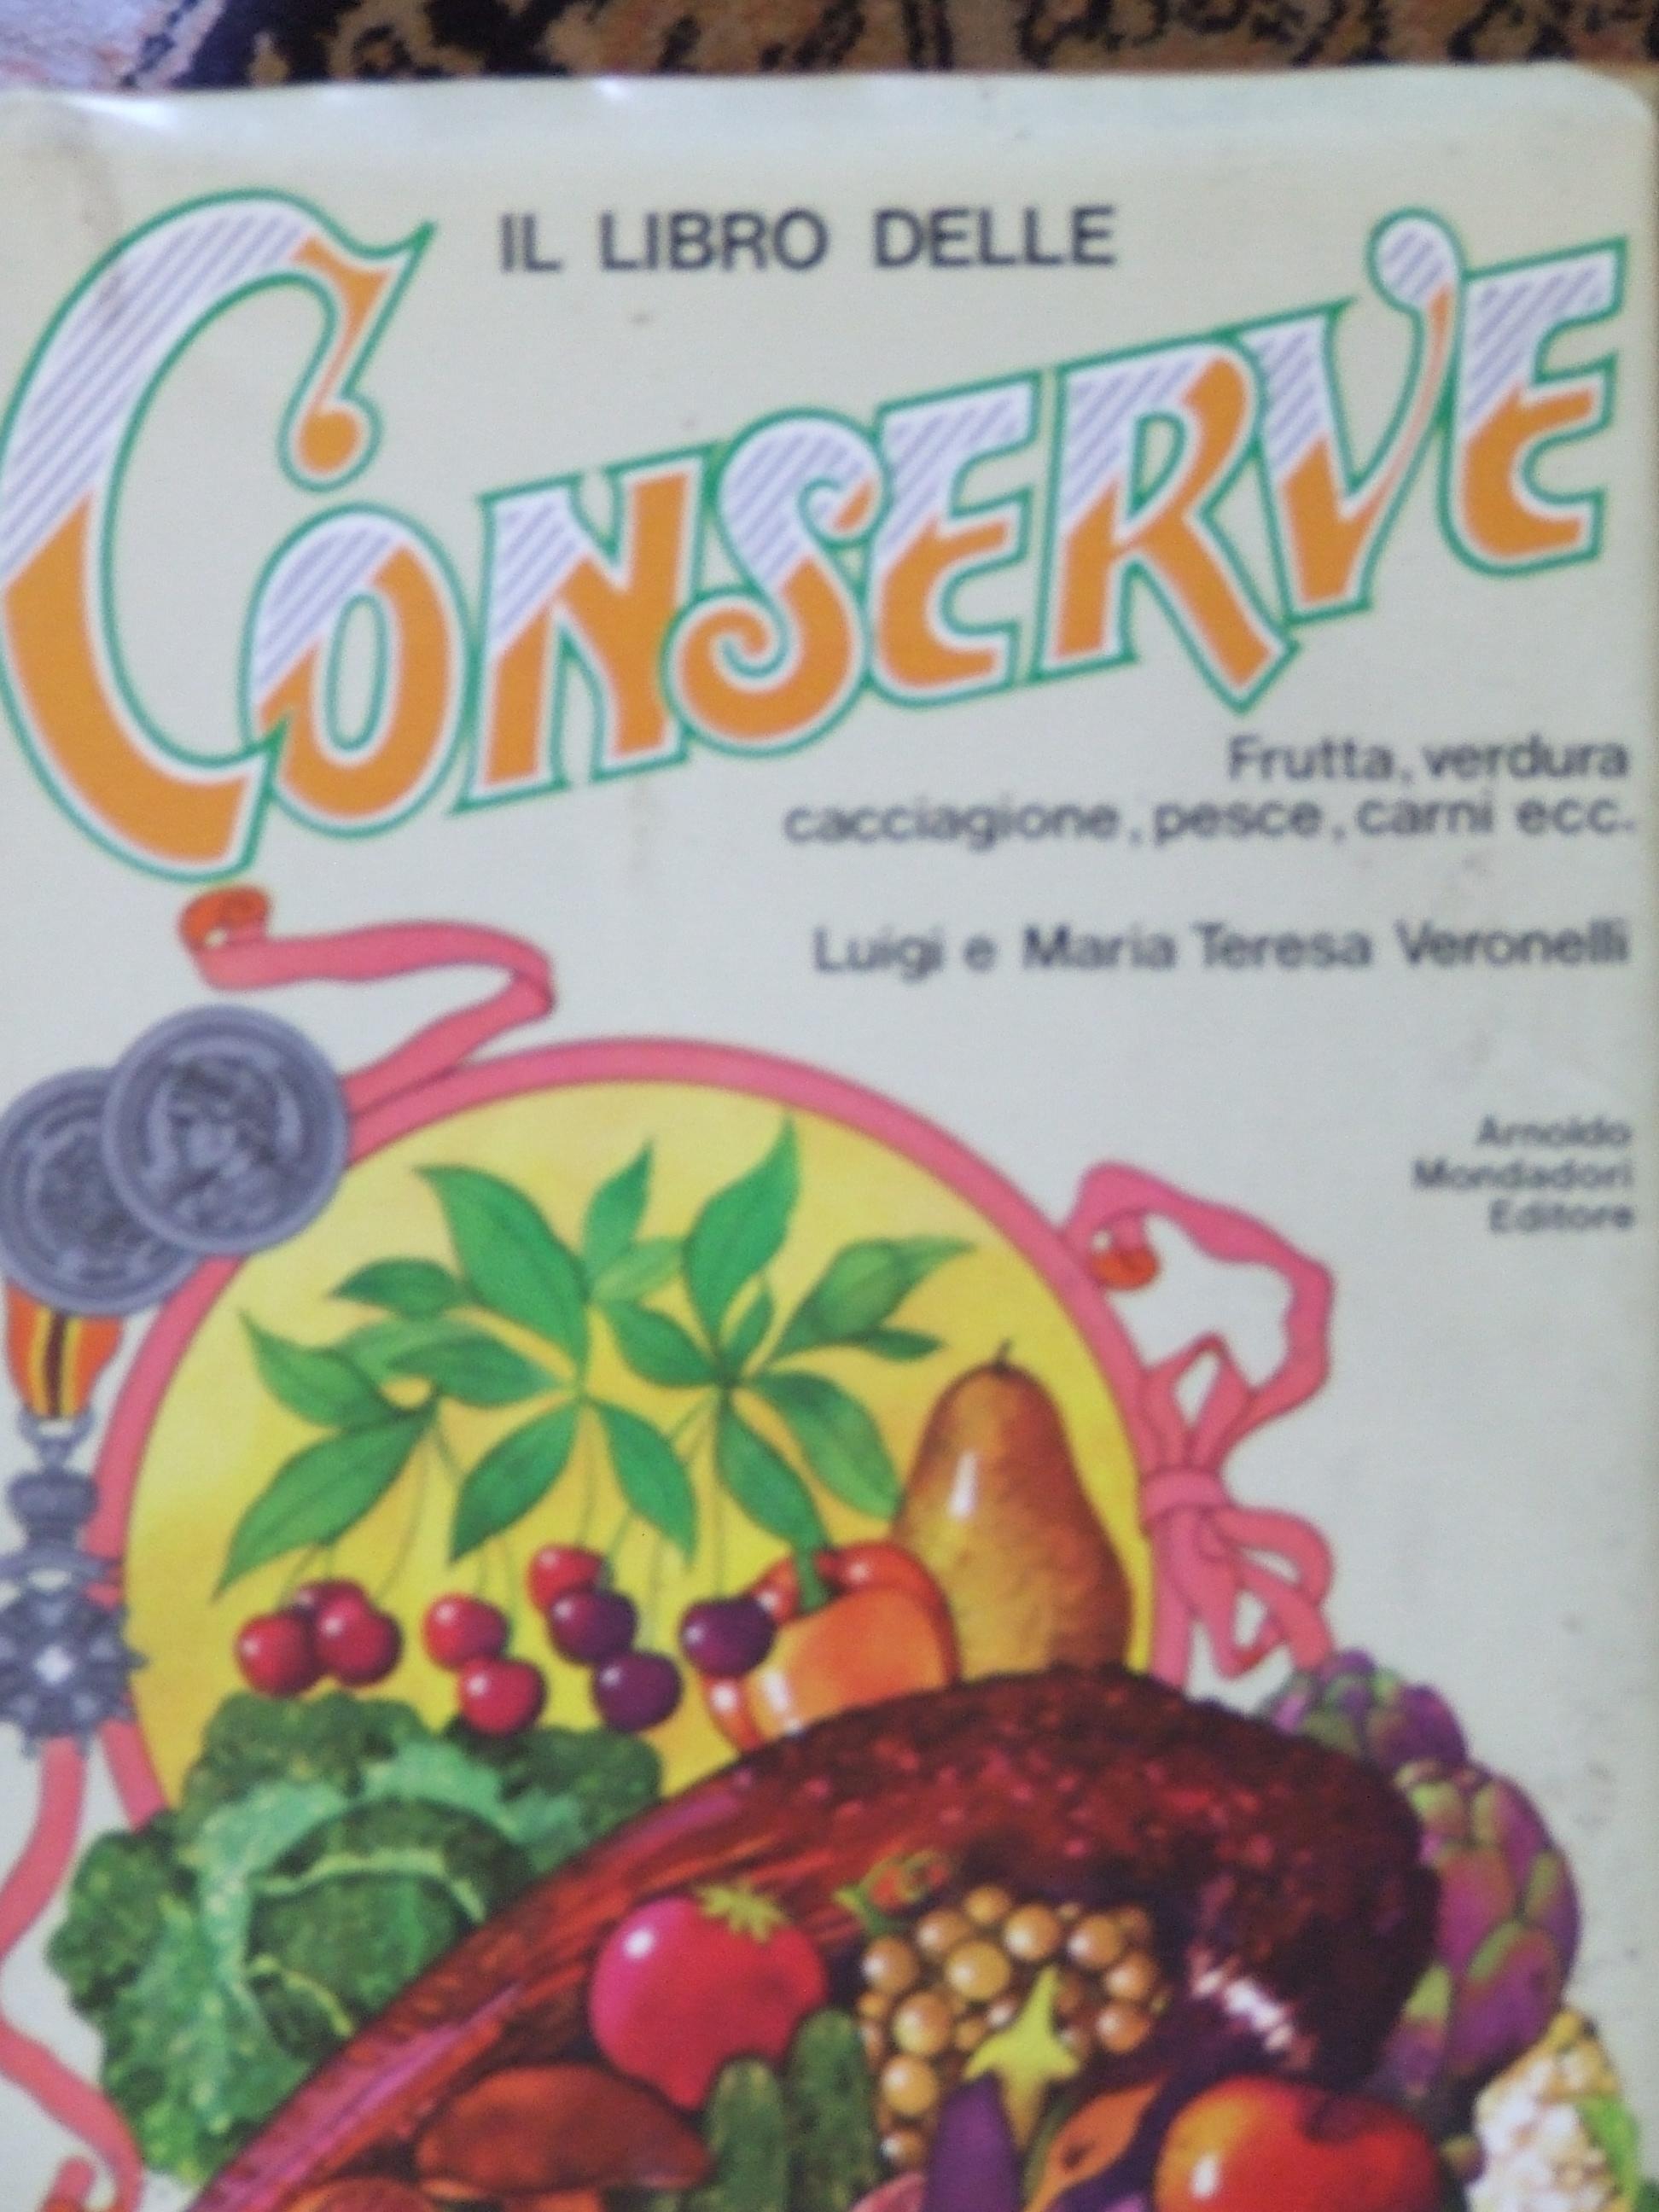 Il libro delle conserve